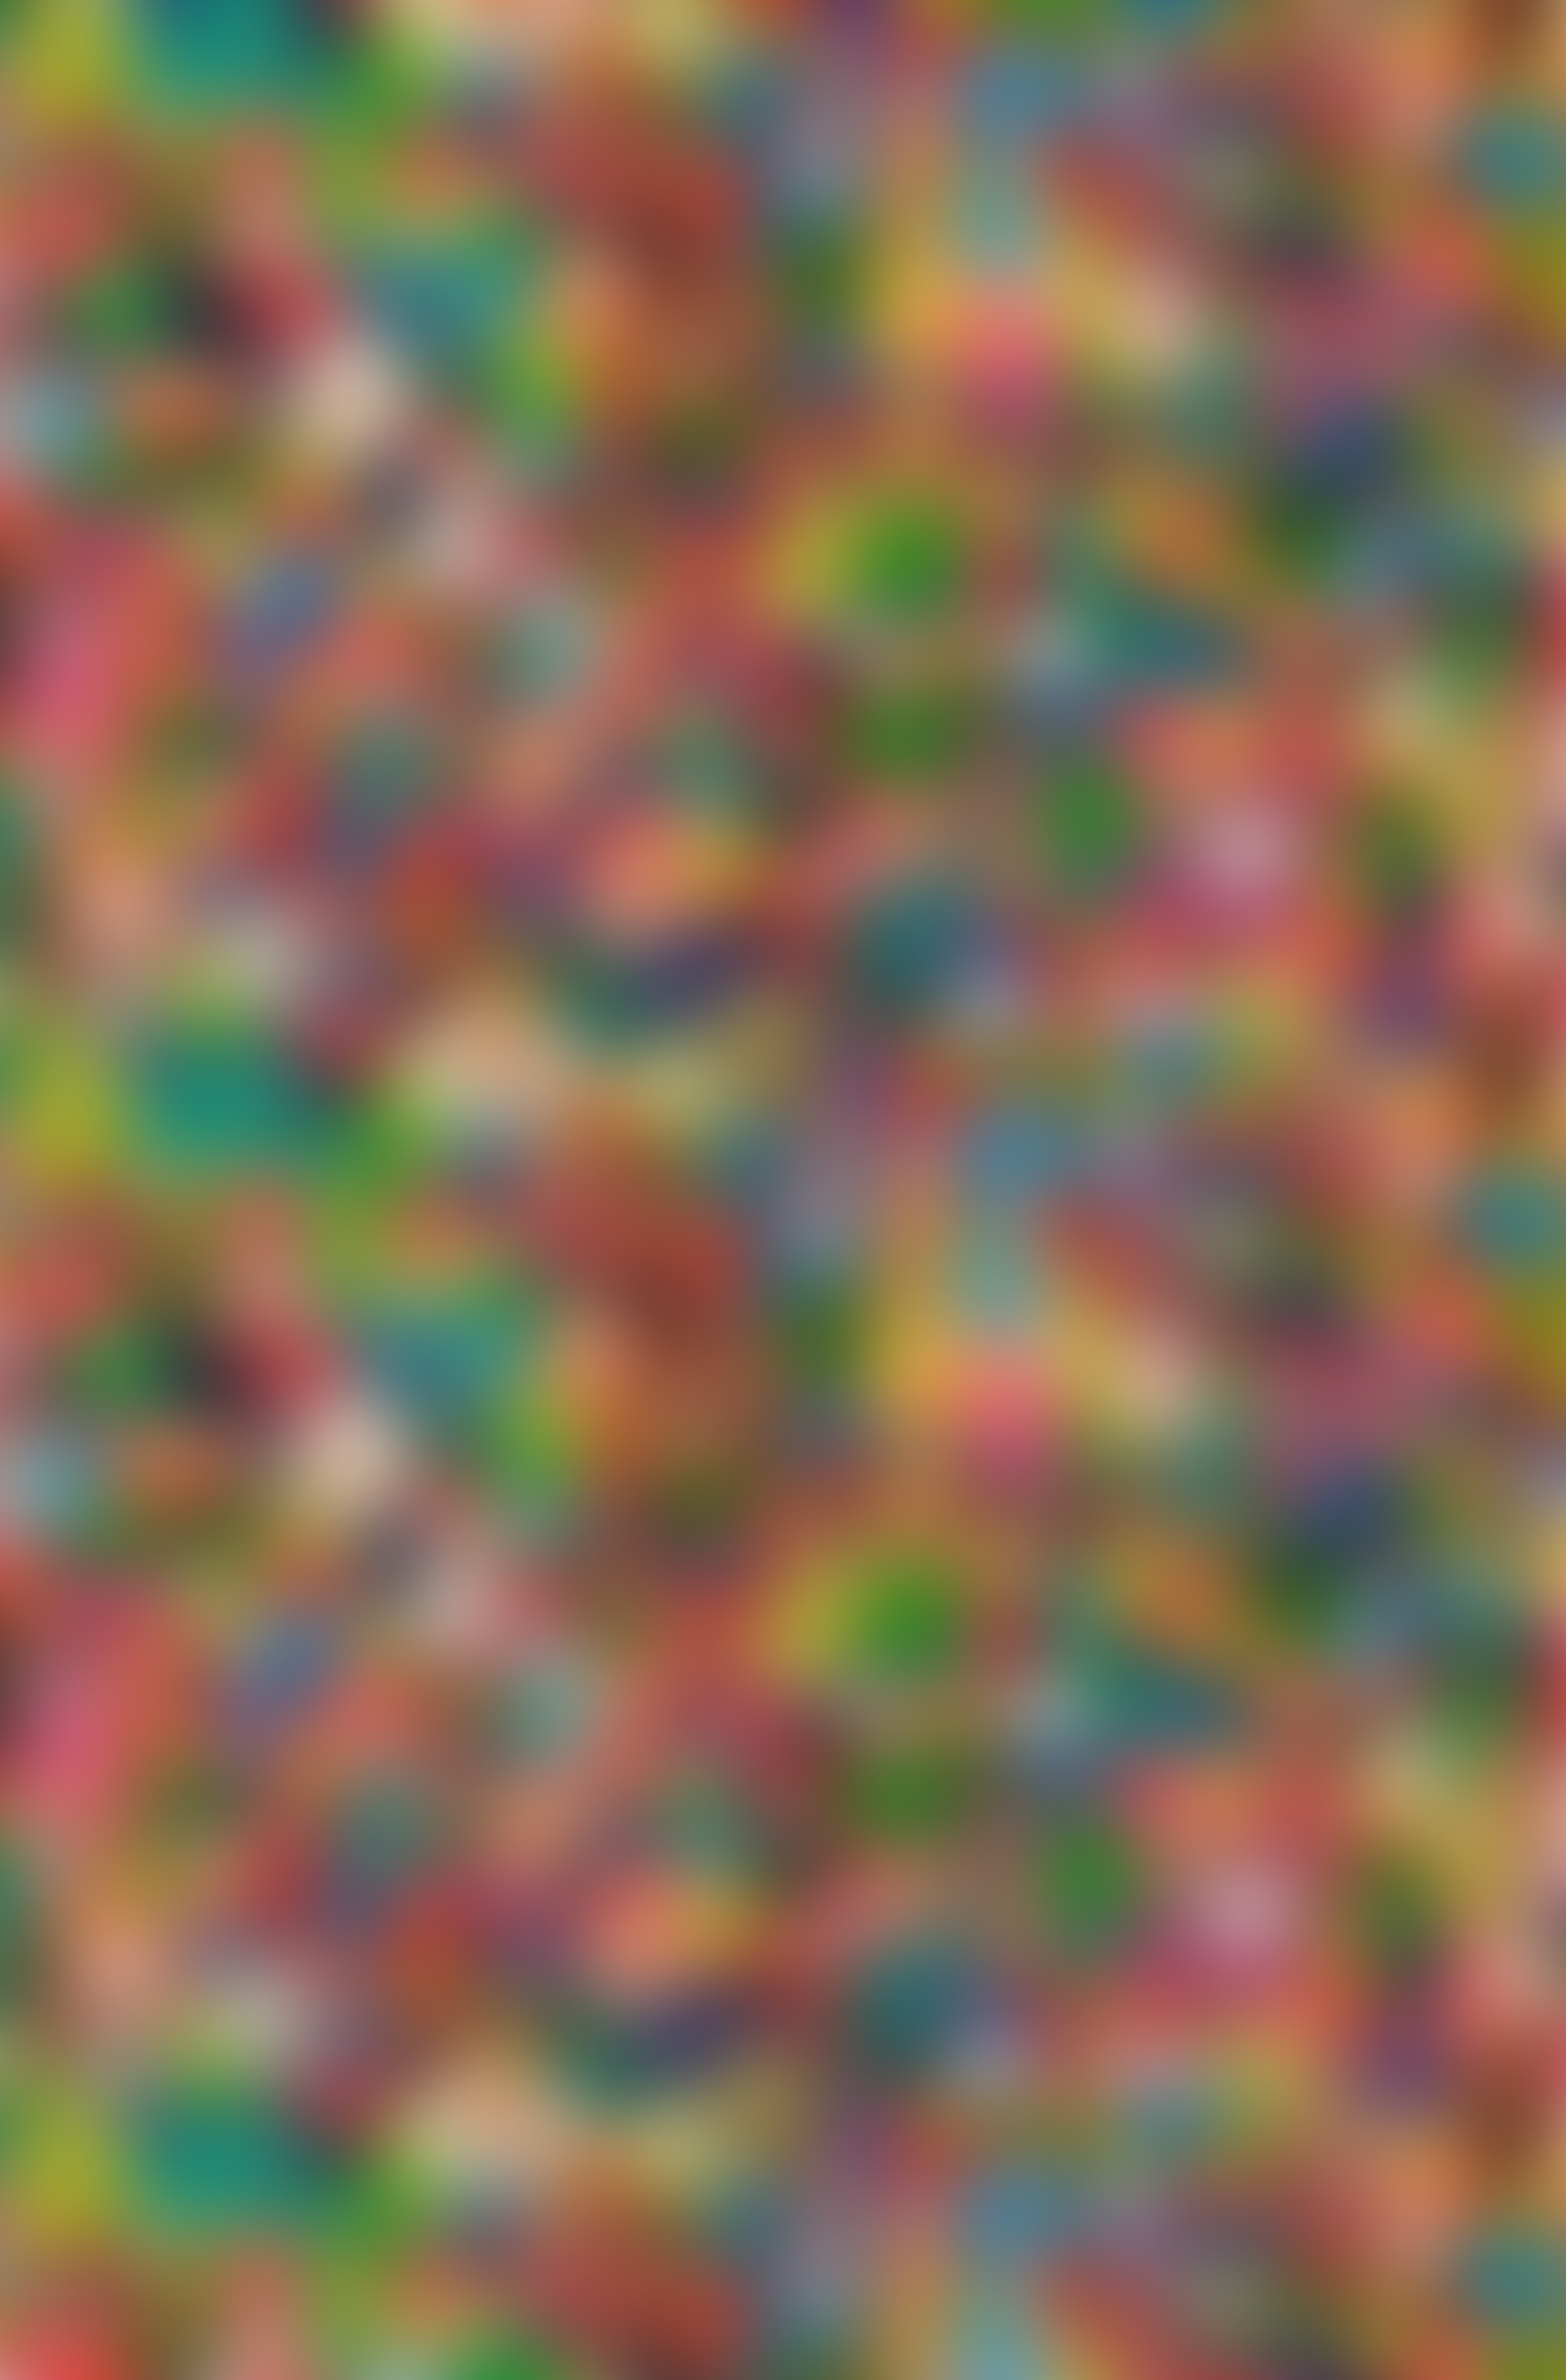 New Flavorpaper Jon burgerman autocompressfitresizeixlibphp 1 1 0max h2000max w3 D2000q80s6255a0929dbdd7f056fddee8d36630f6